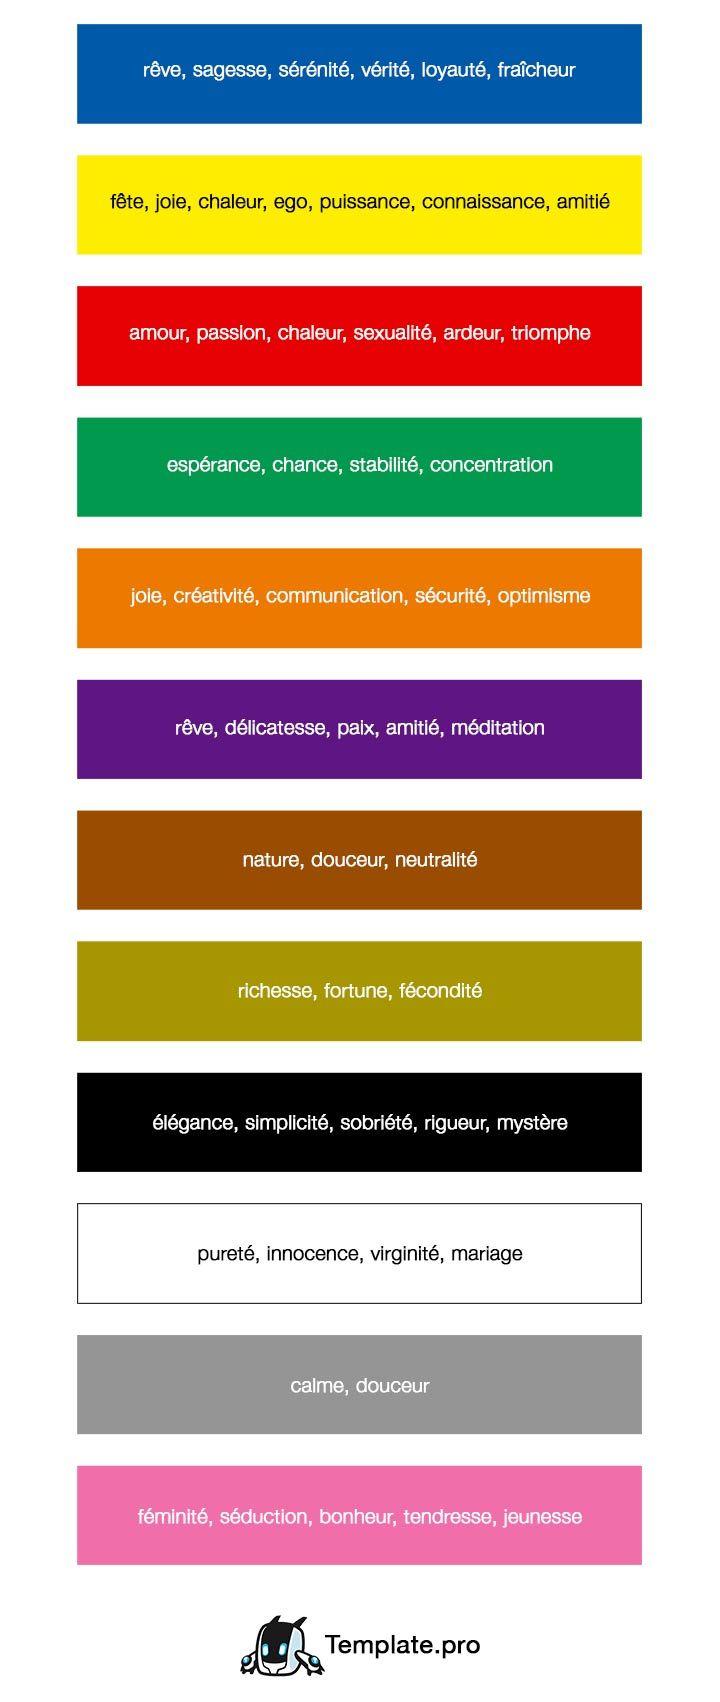 Au moment de créer lacharte graphique de votre entreprise, le design de votre site internet ou votre prochain template, les couleurs ont une importance capitale. Chacune d'elle agit comme un levier psychologique chez le prospect. Cela est involontaire et c'est simplement que notre cerveau est conditionné pour assimiler certains coloris ...